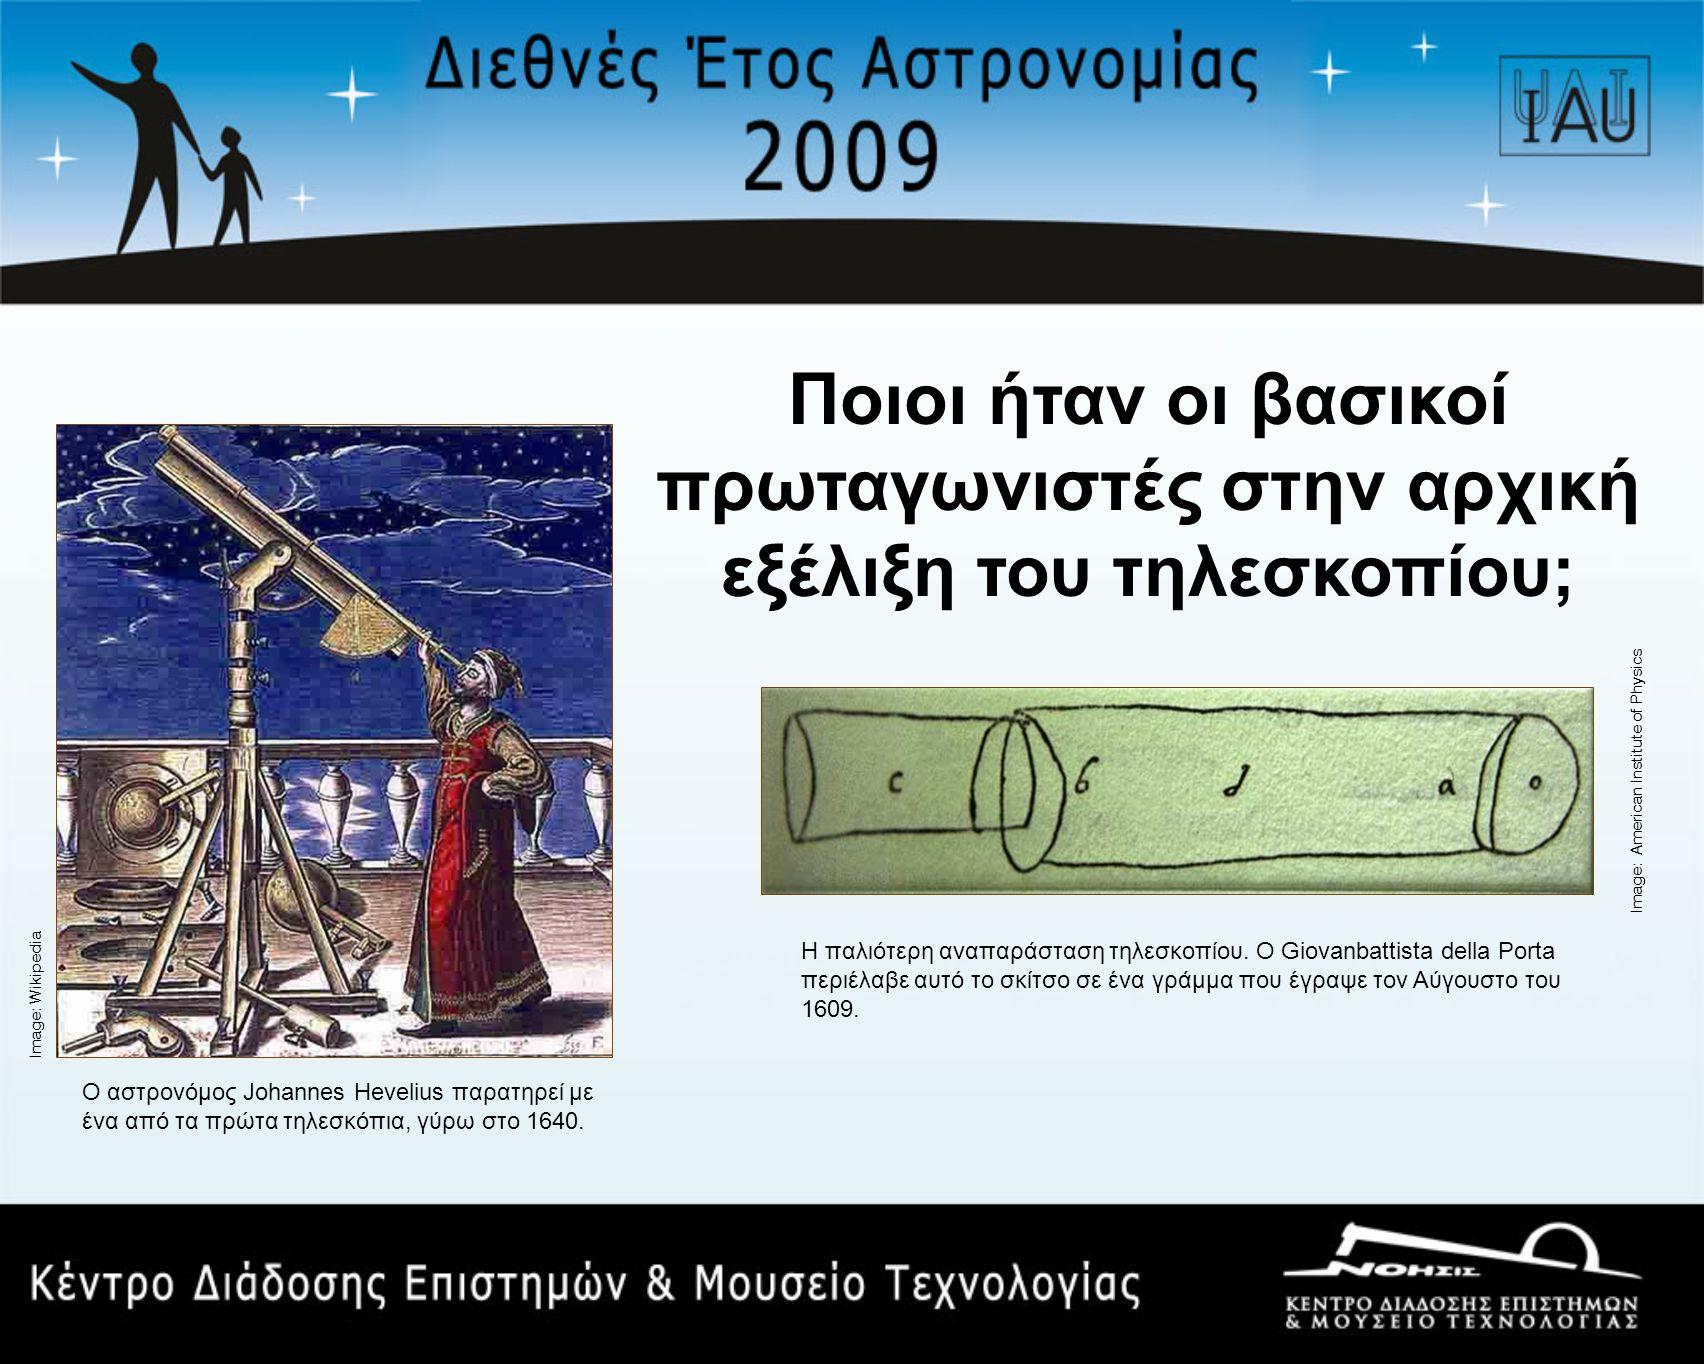 Ποιοι ήταν οι βασικοί πρωταγωνιστές στην αρχική εξέλιξη του τηλεσκοπίου;